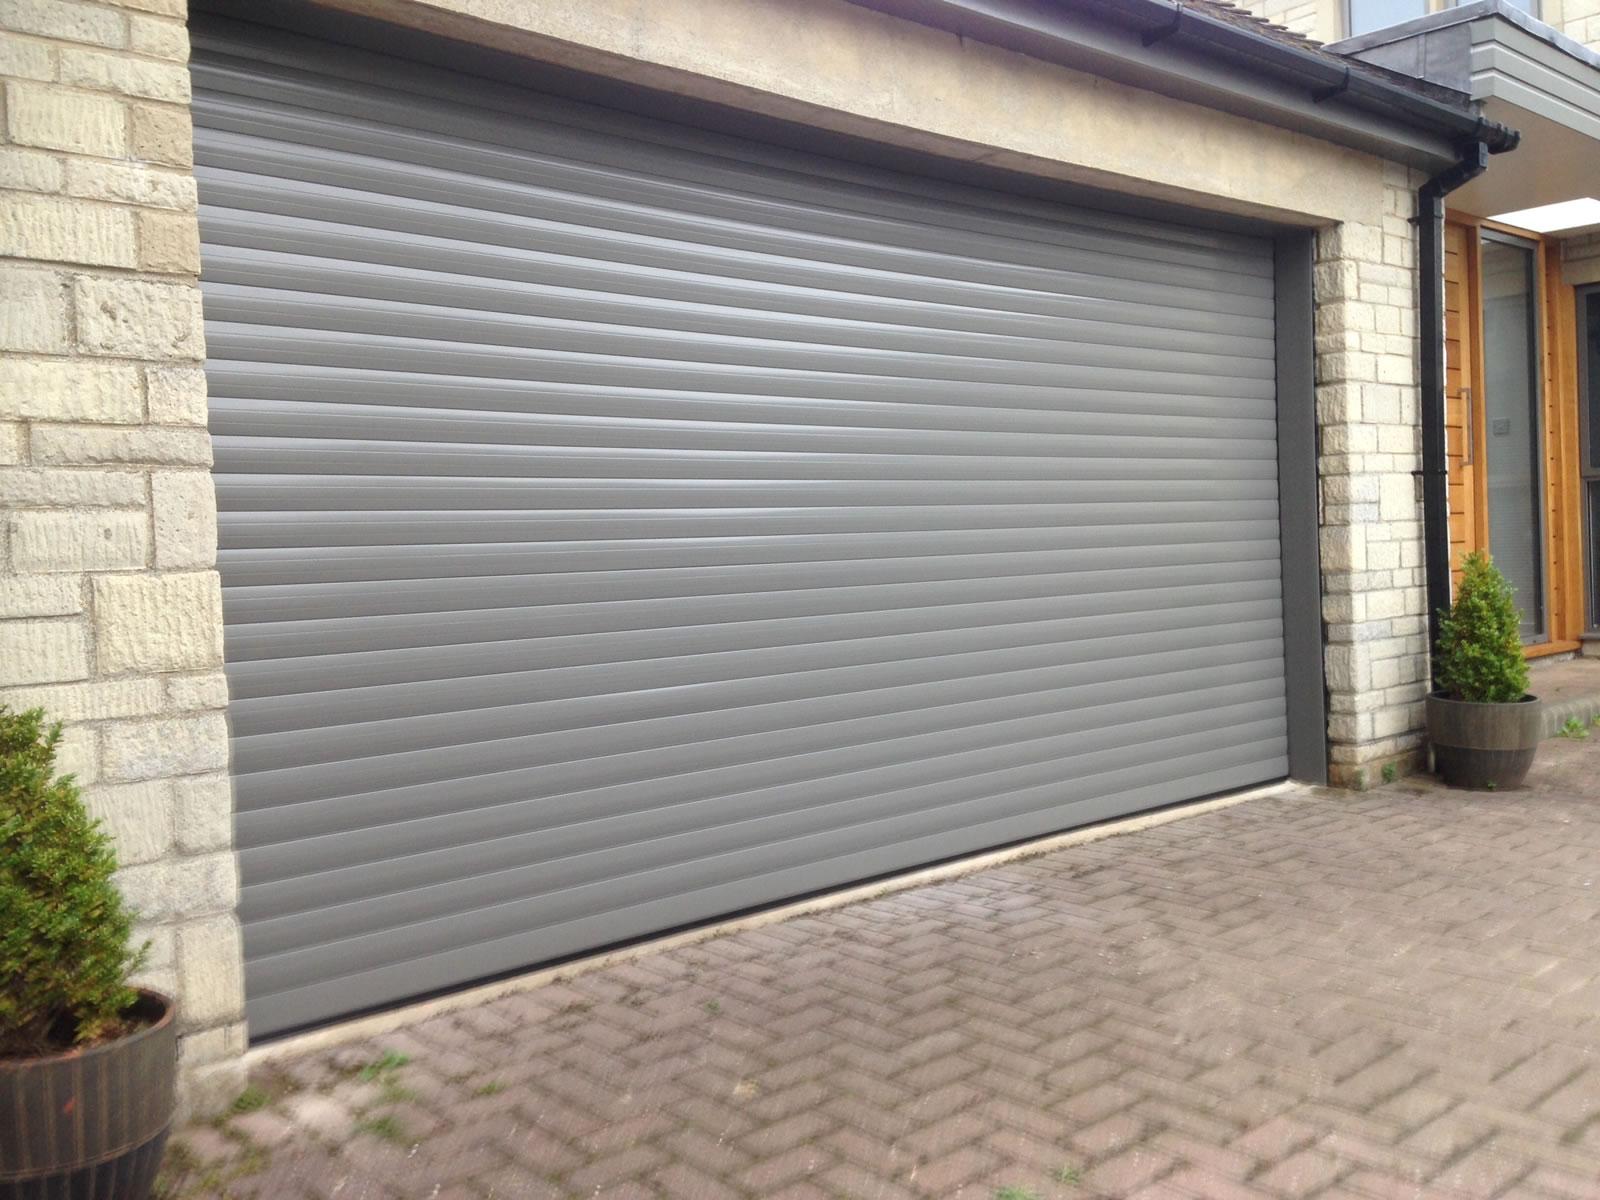 The Garage Door >> Roller Garage Doors Bespoke Electric Roller Doors Rolux Uk